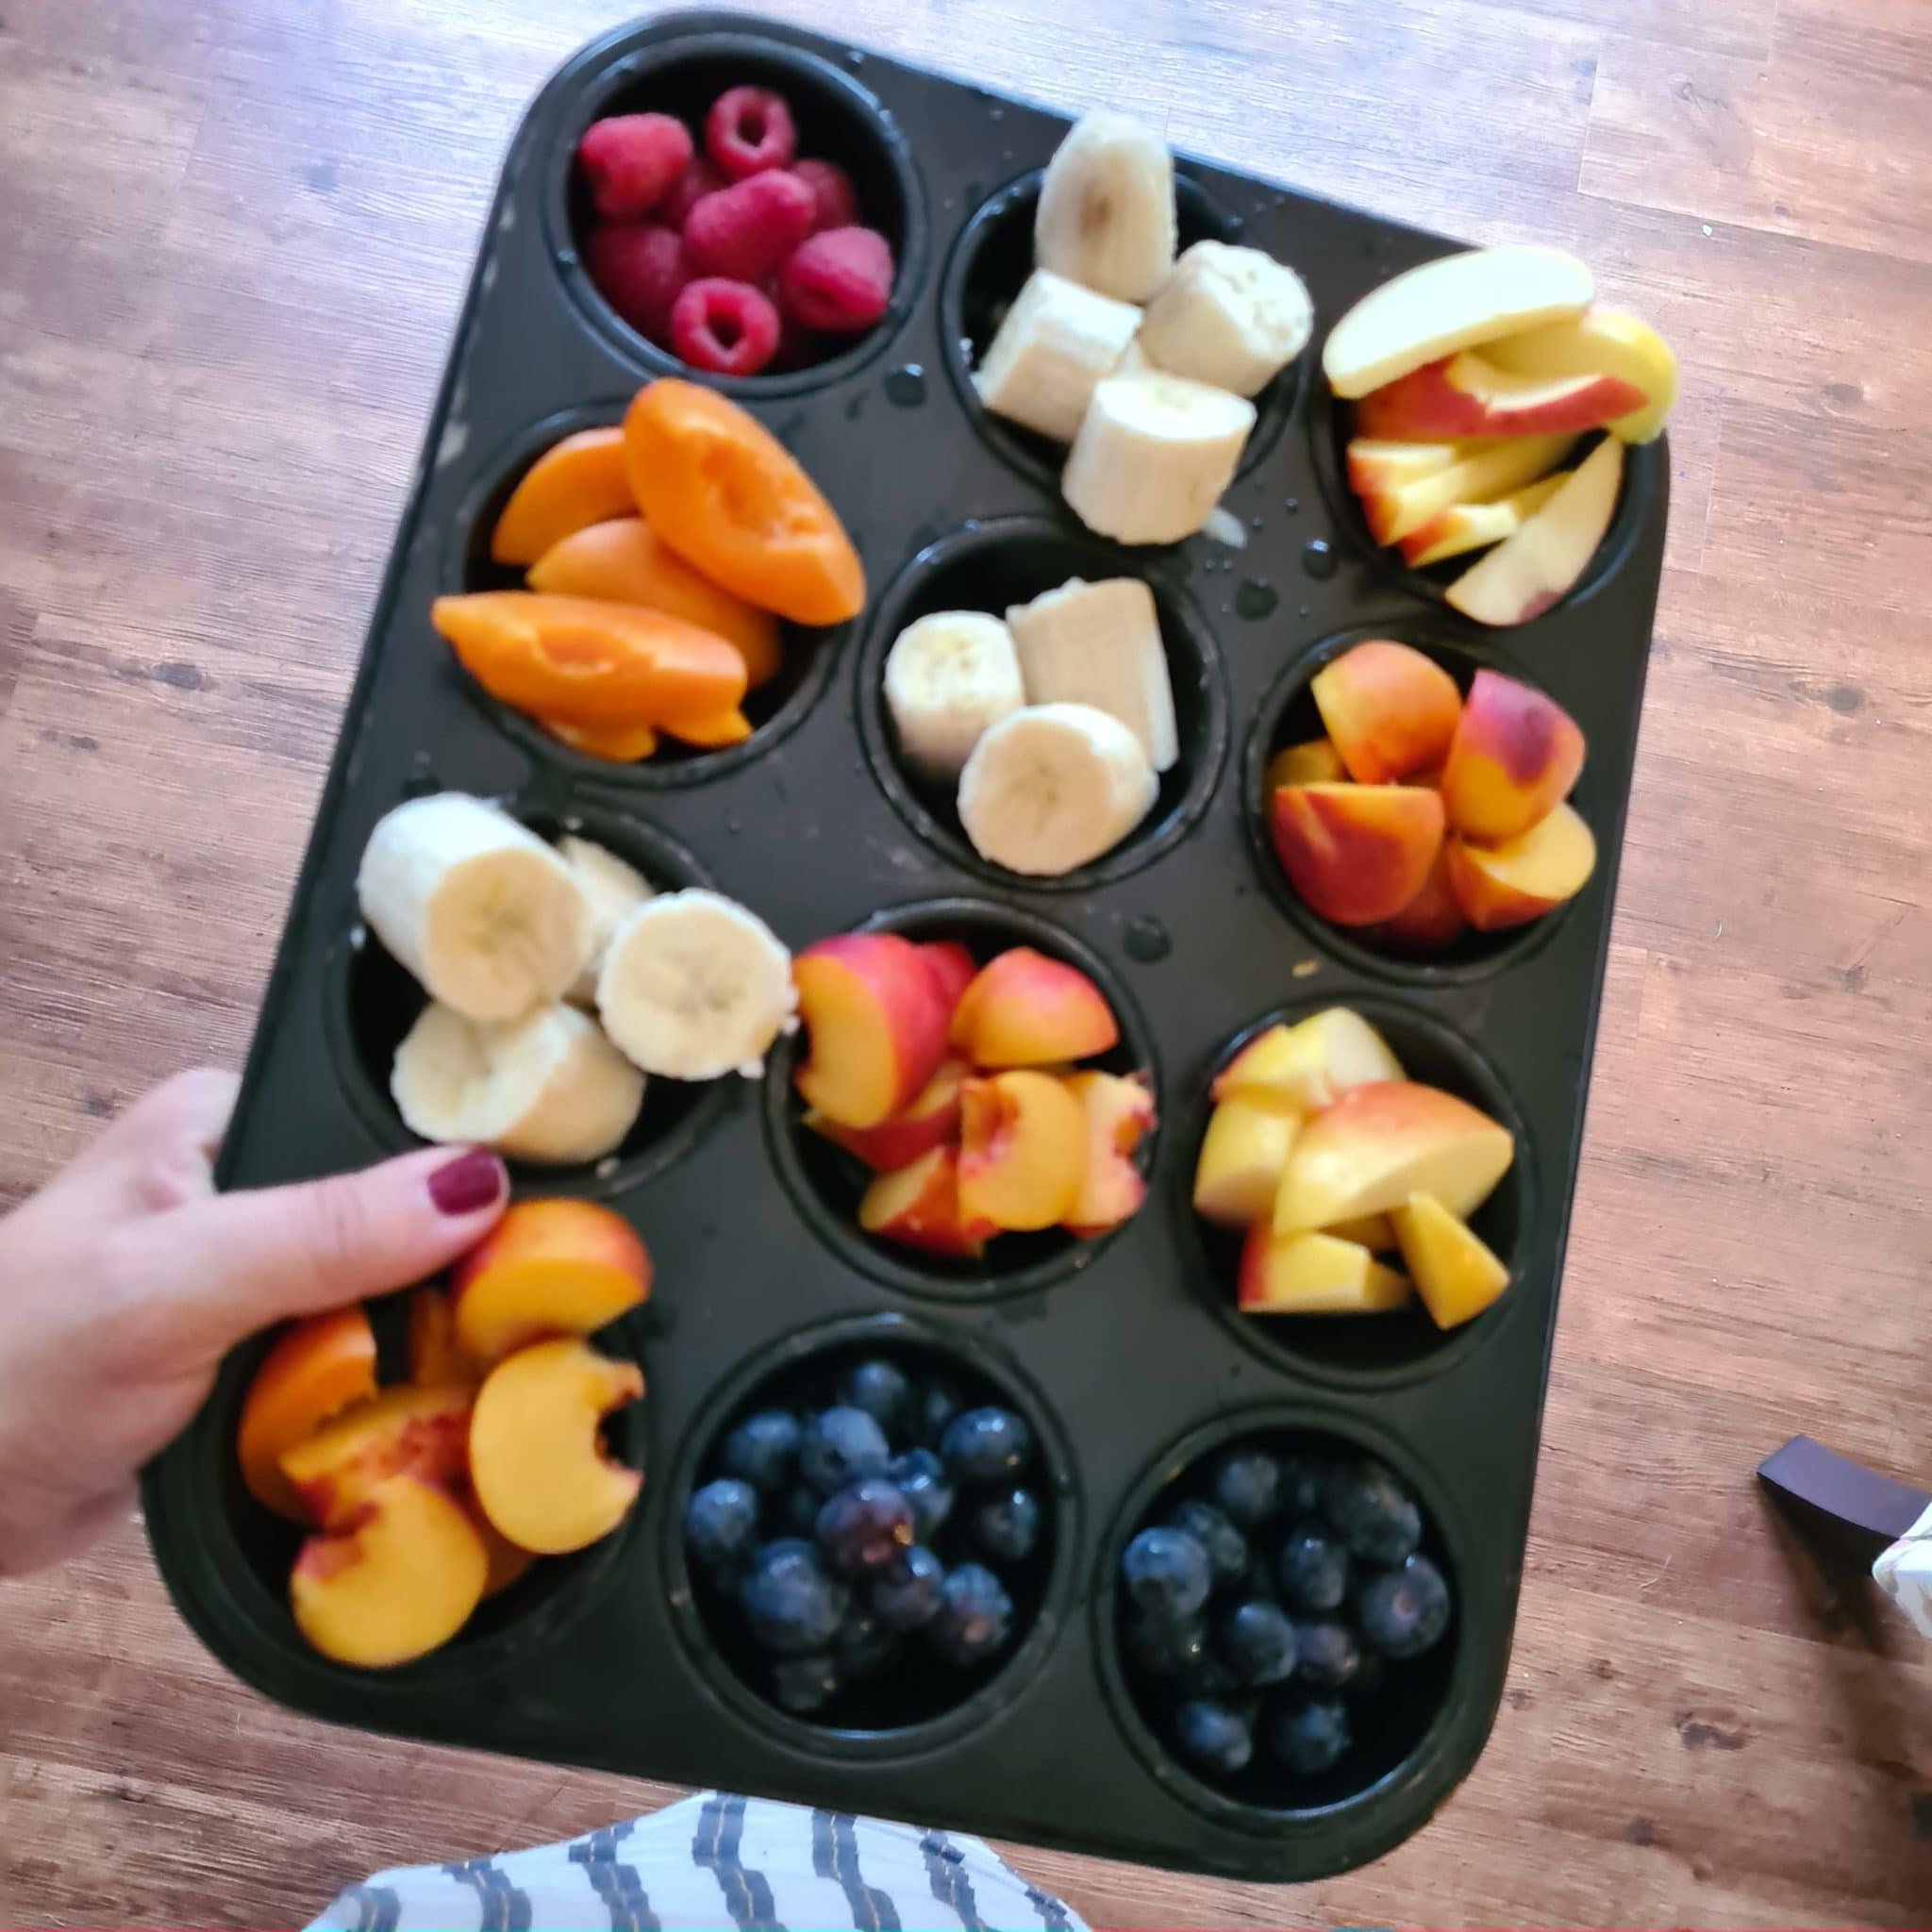 #22 Es gibt weiterhin jeden Abend Obst mit dem Muffintrick.